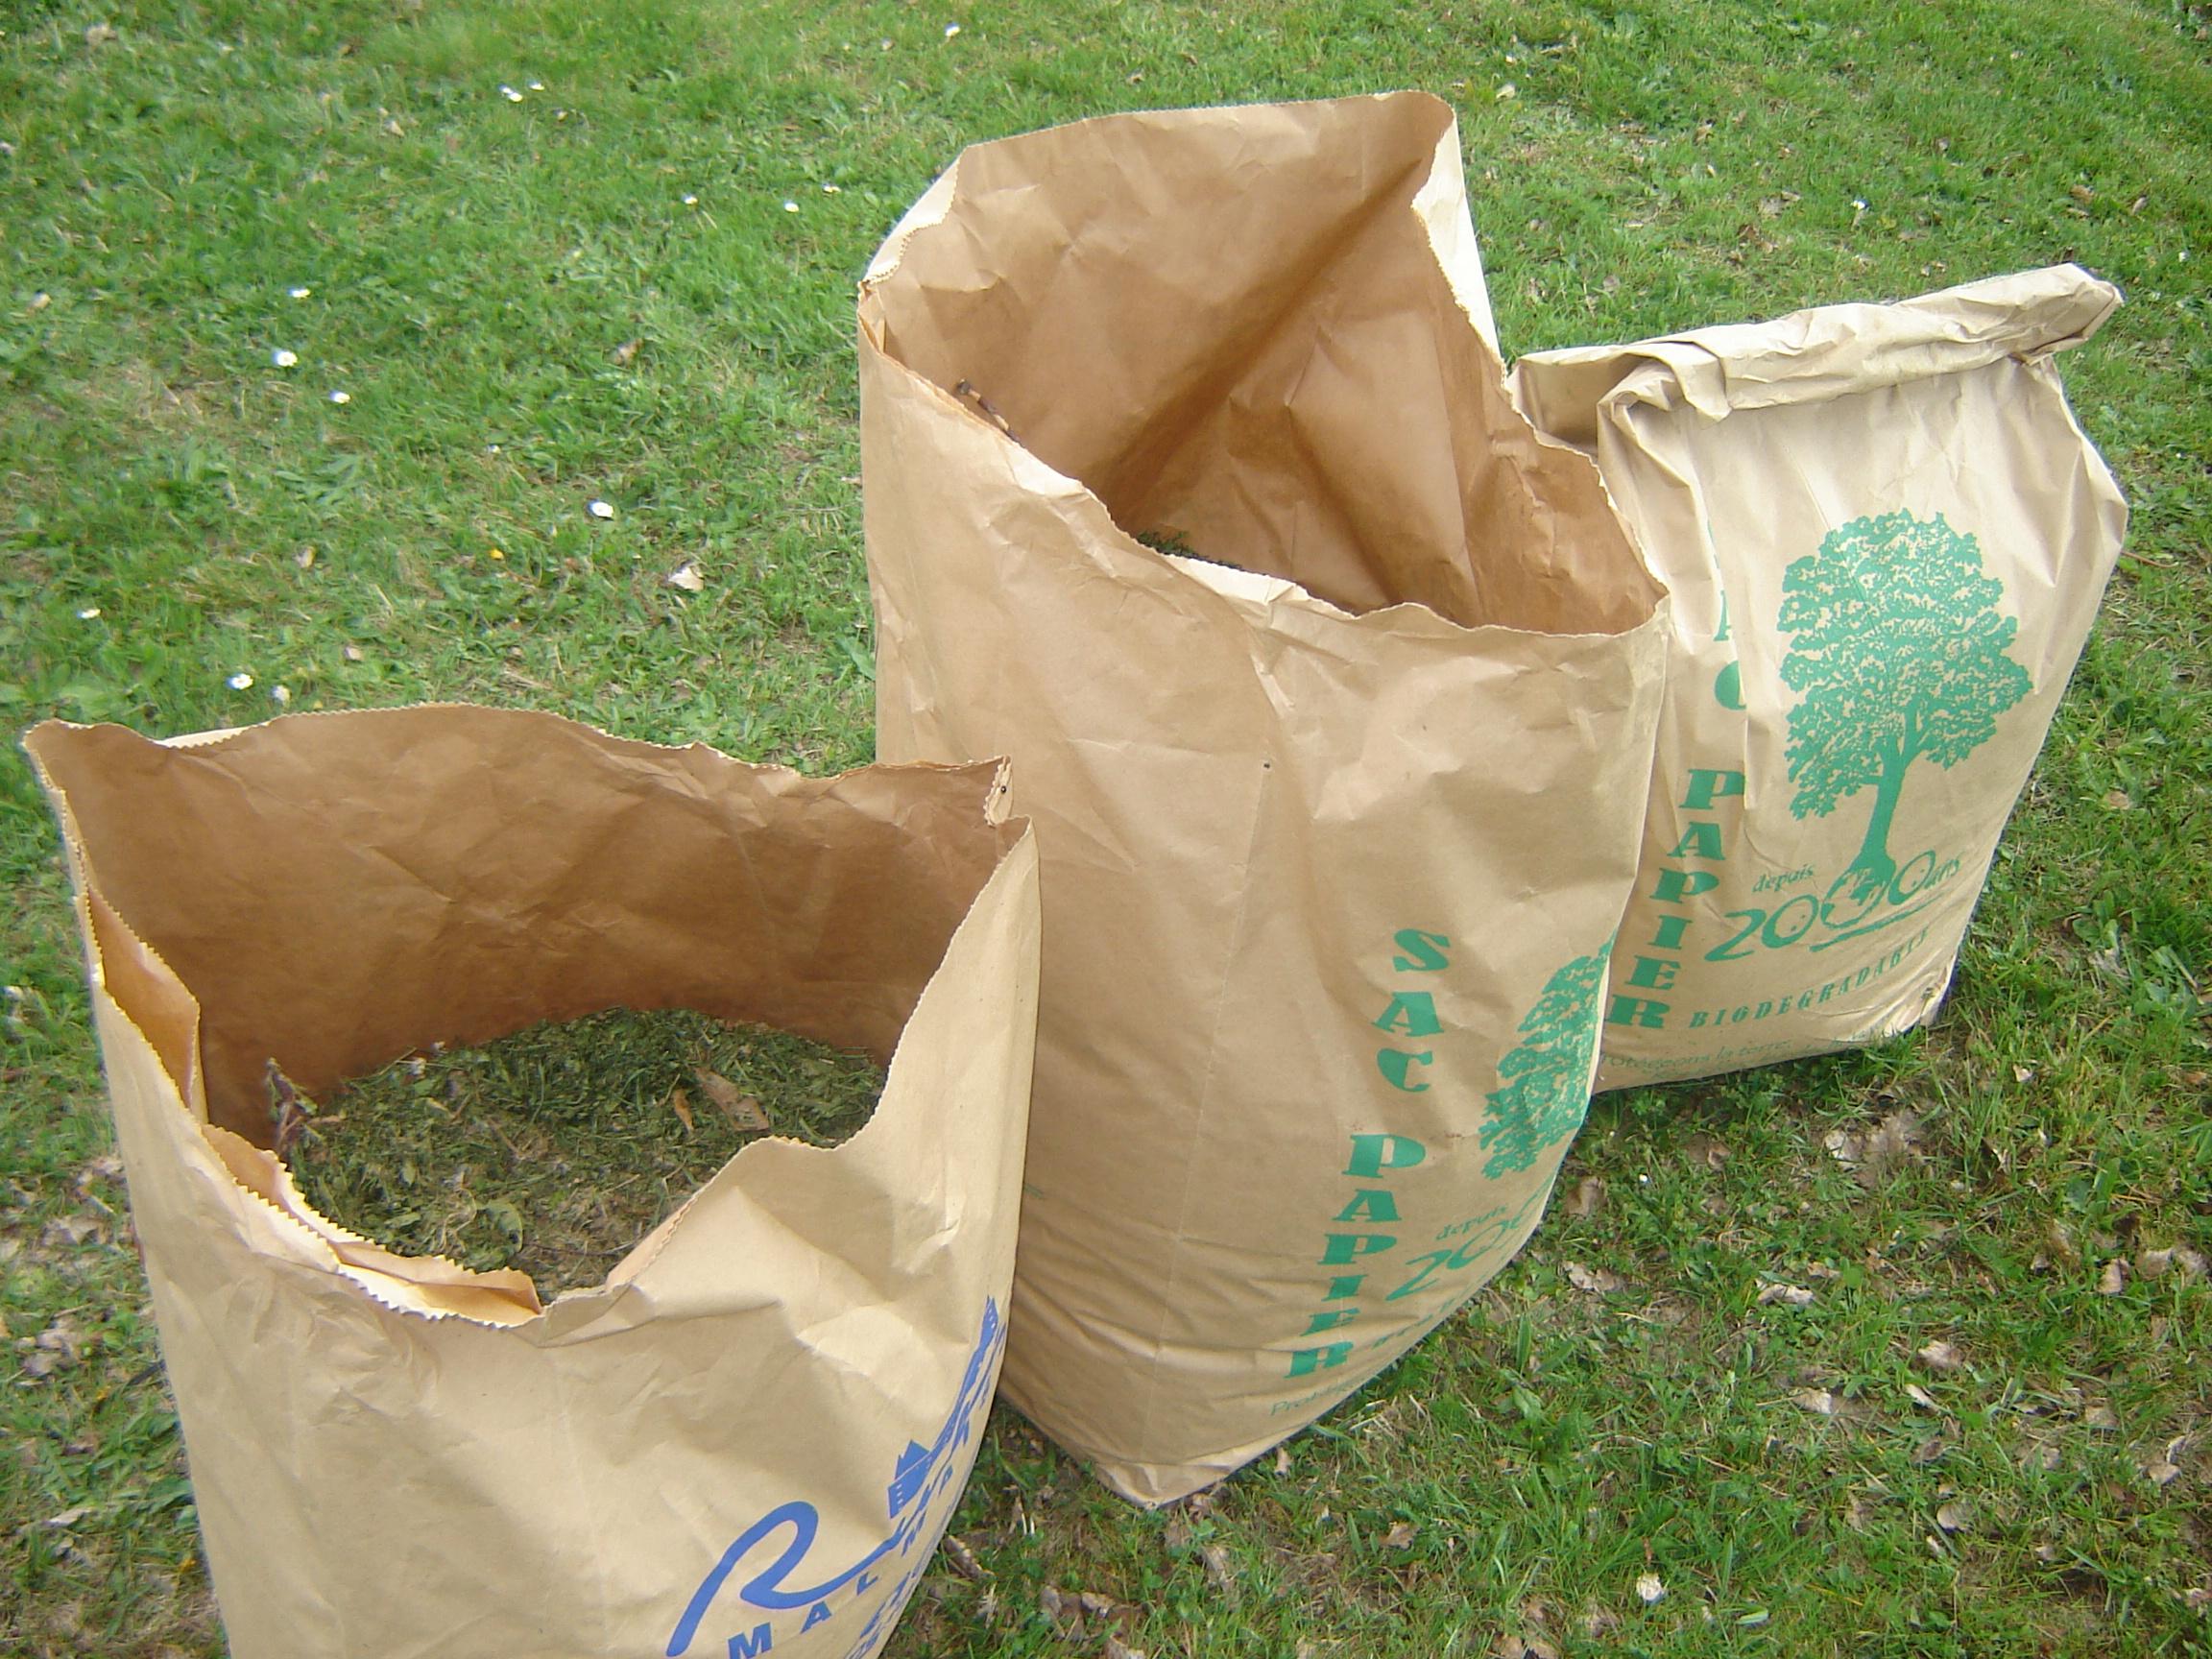 Sac en papier avec fond renforcé pour collecte des déchets végétaux